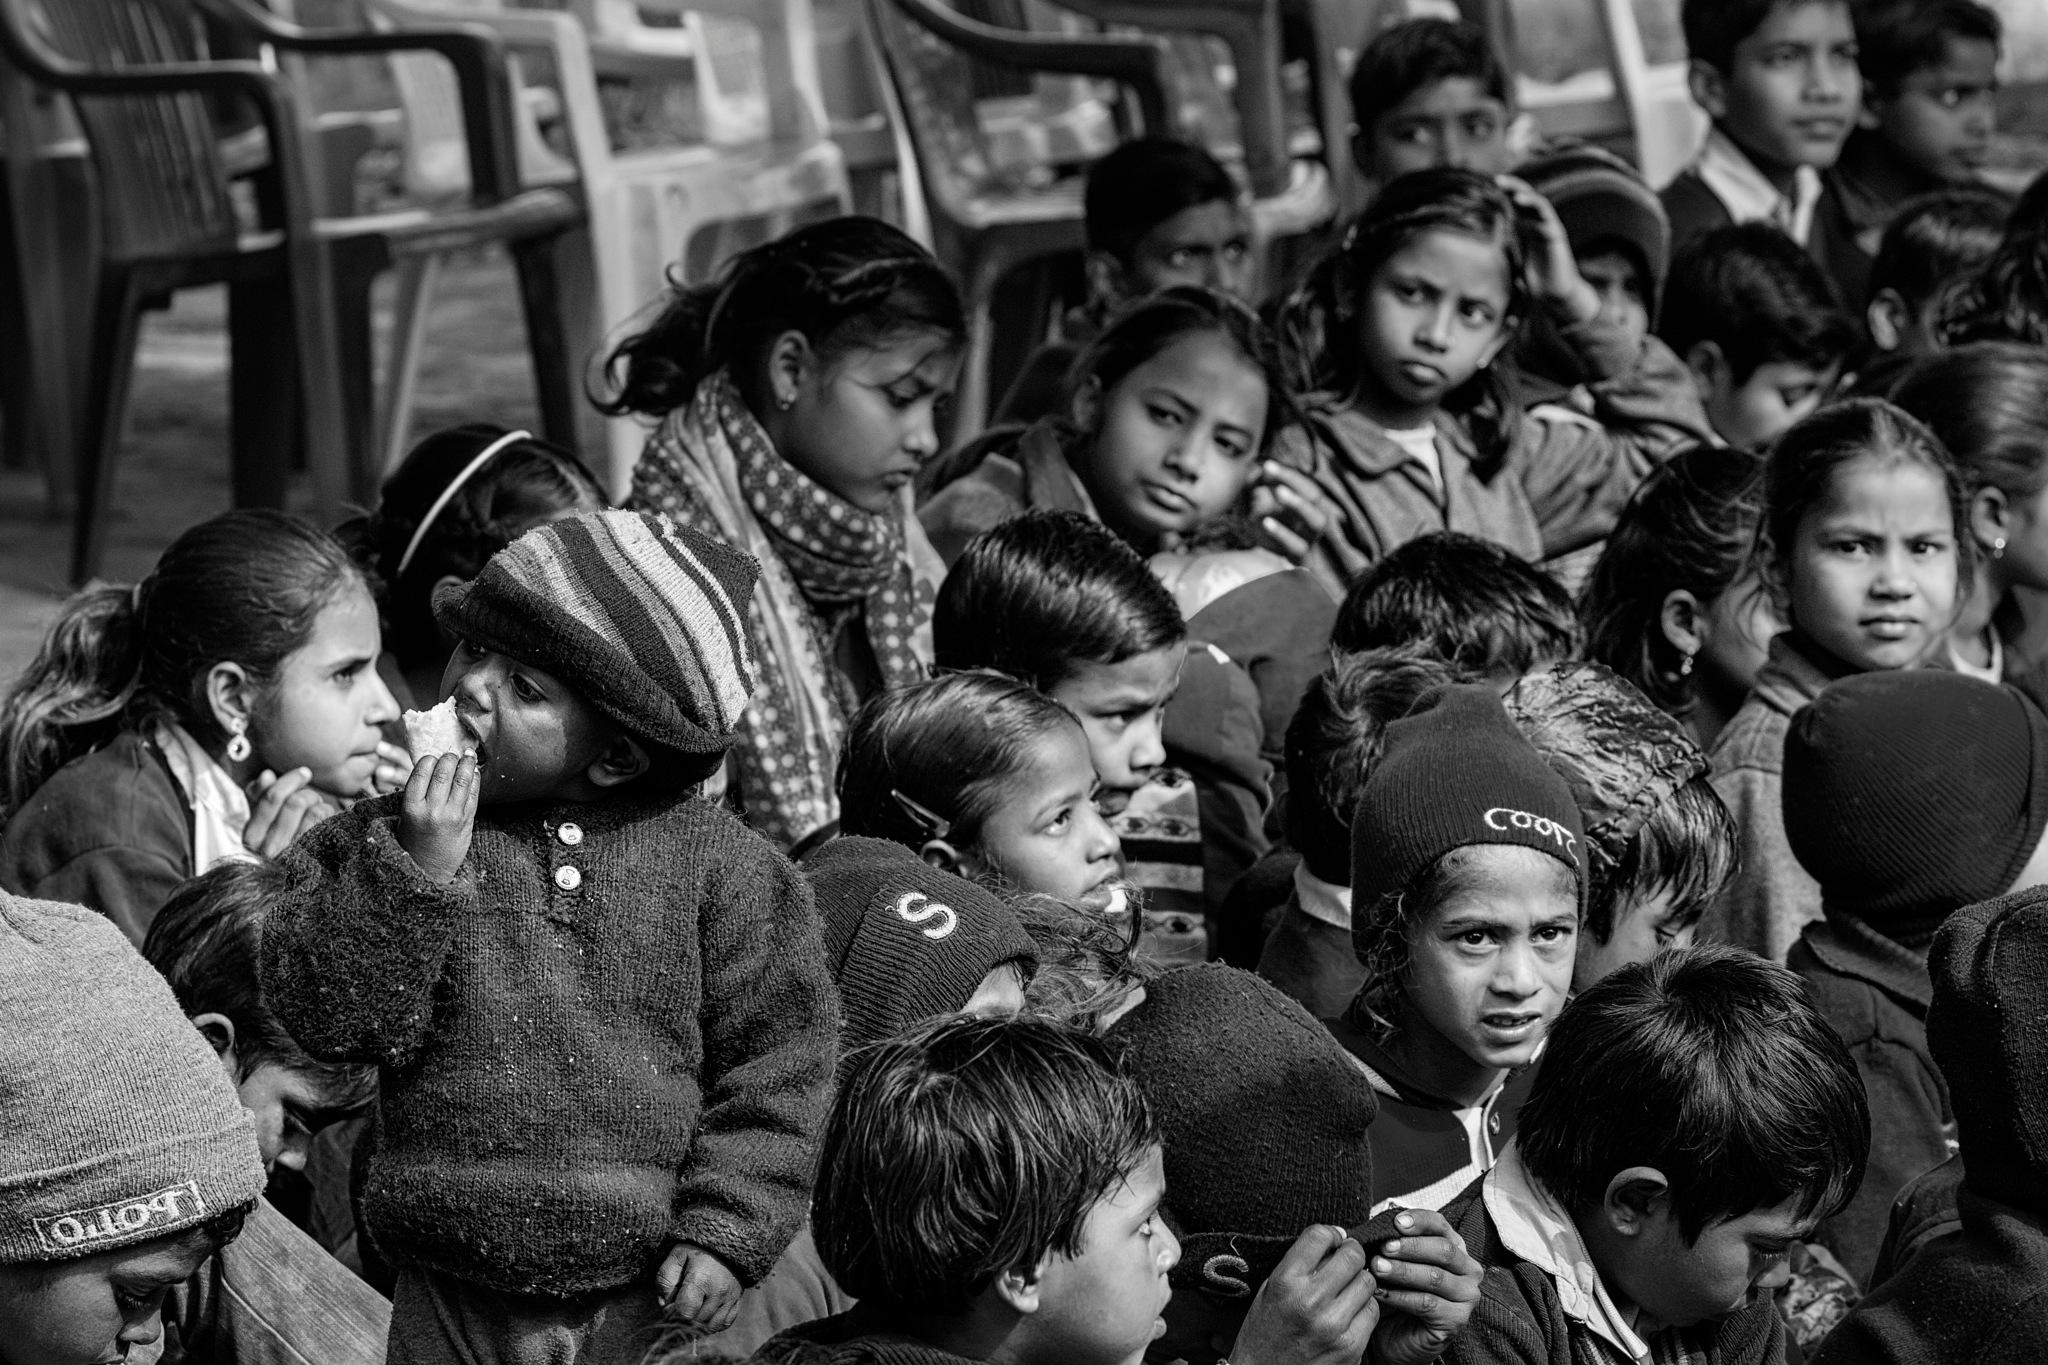 Hunger Of The Innocence by Ashok Kr Tyagi